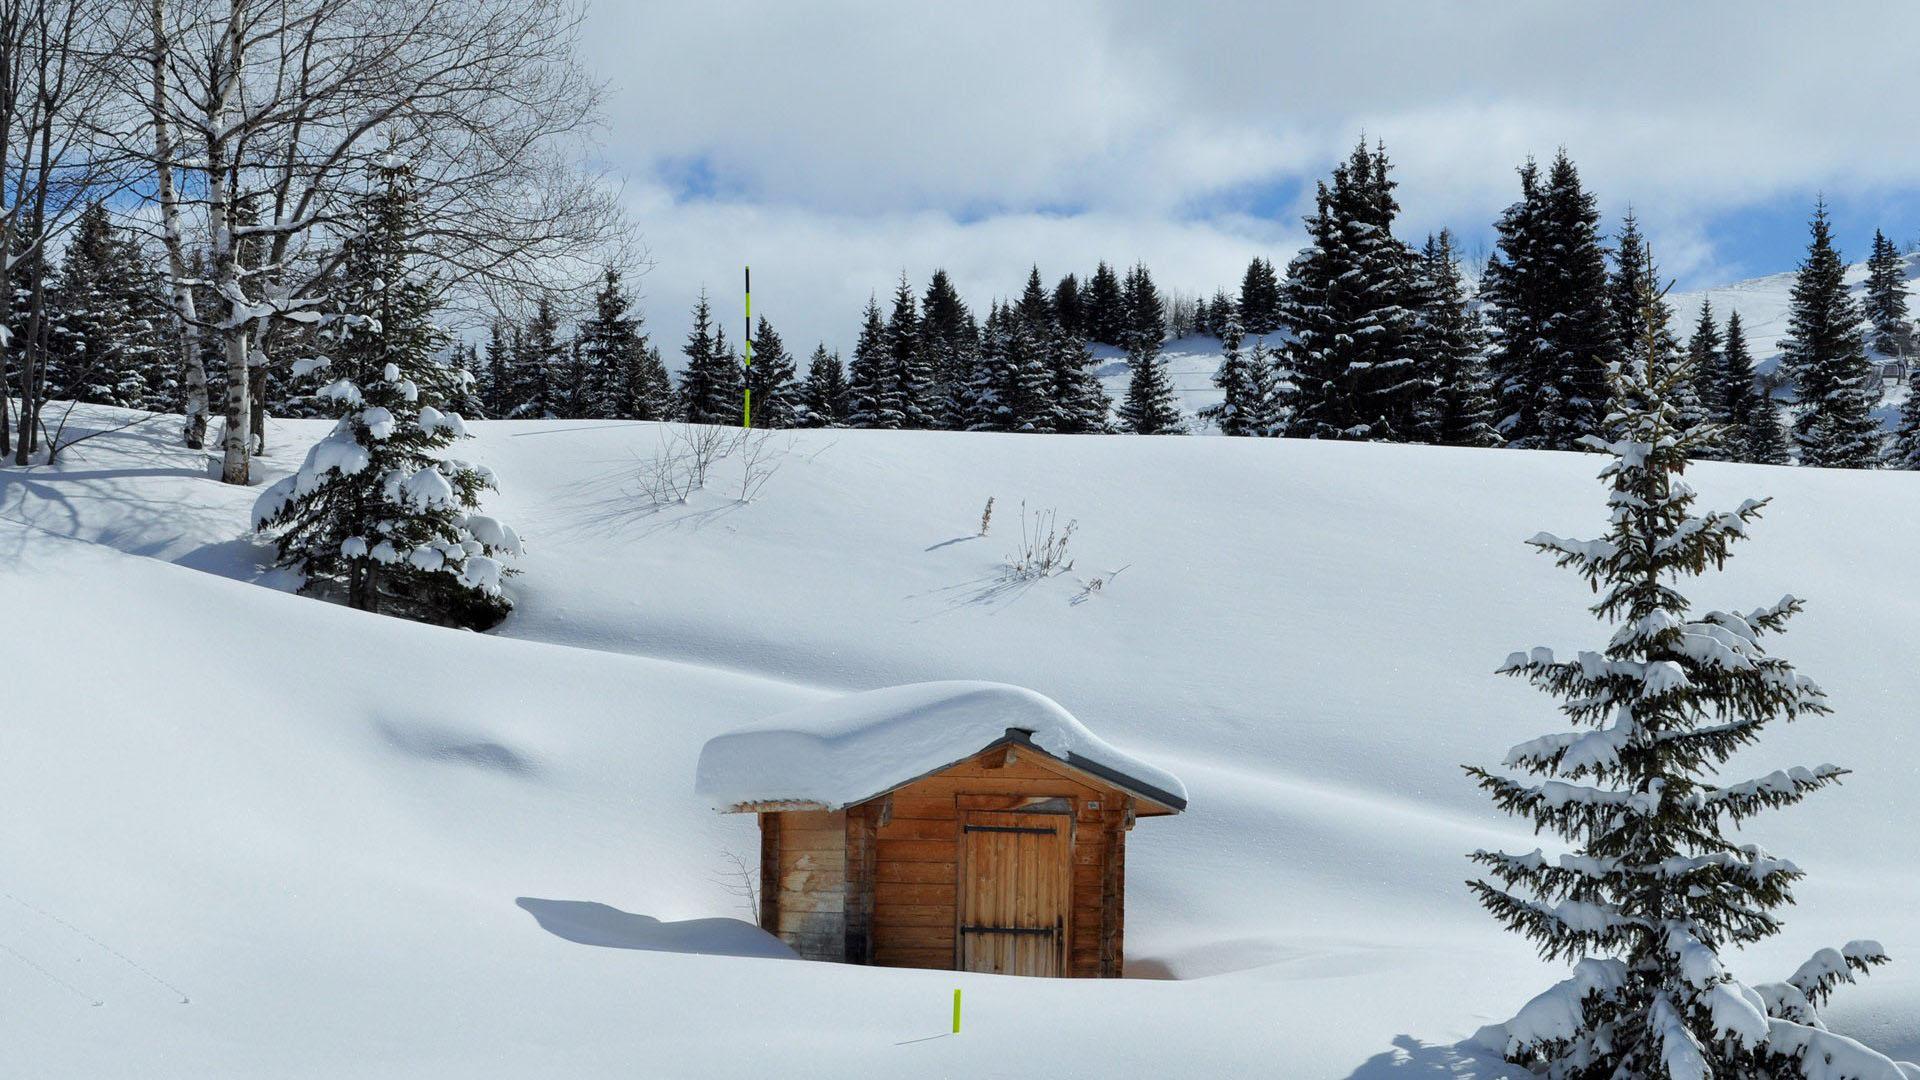 唯美意境冬日雪景